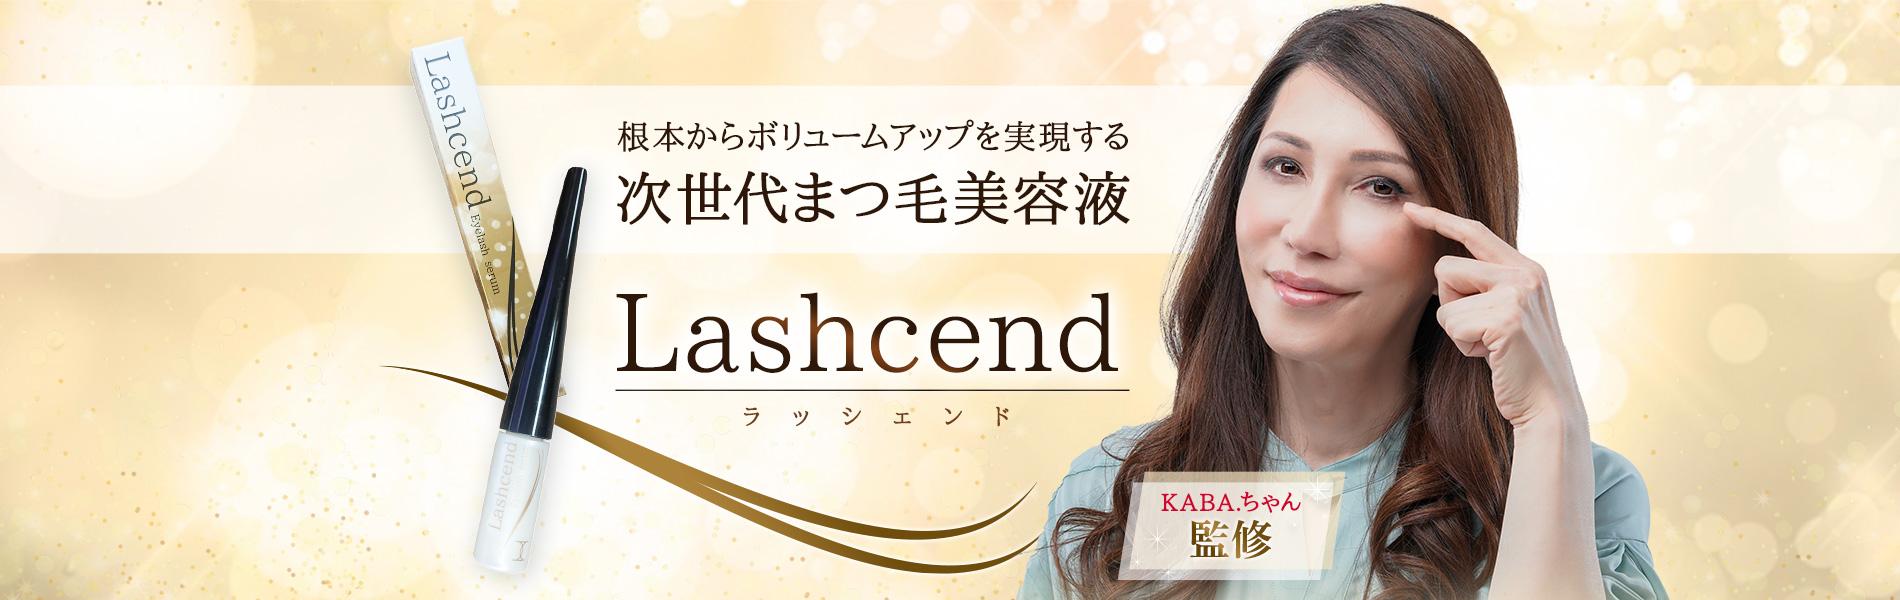 Lashcend(ラッシェンド)根元からボリュームアップを実現する、KABA.ちゃん監修の次世代まつ毛美容液